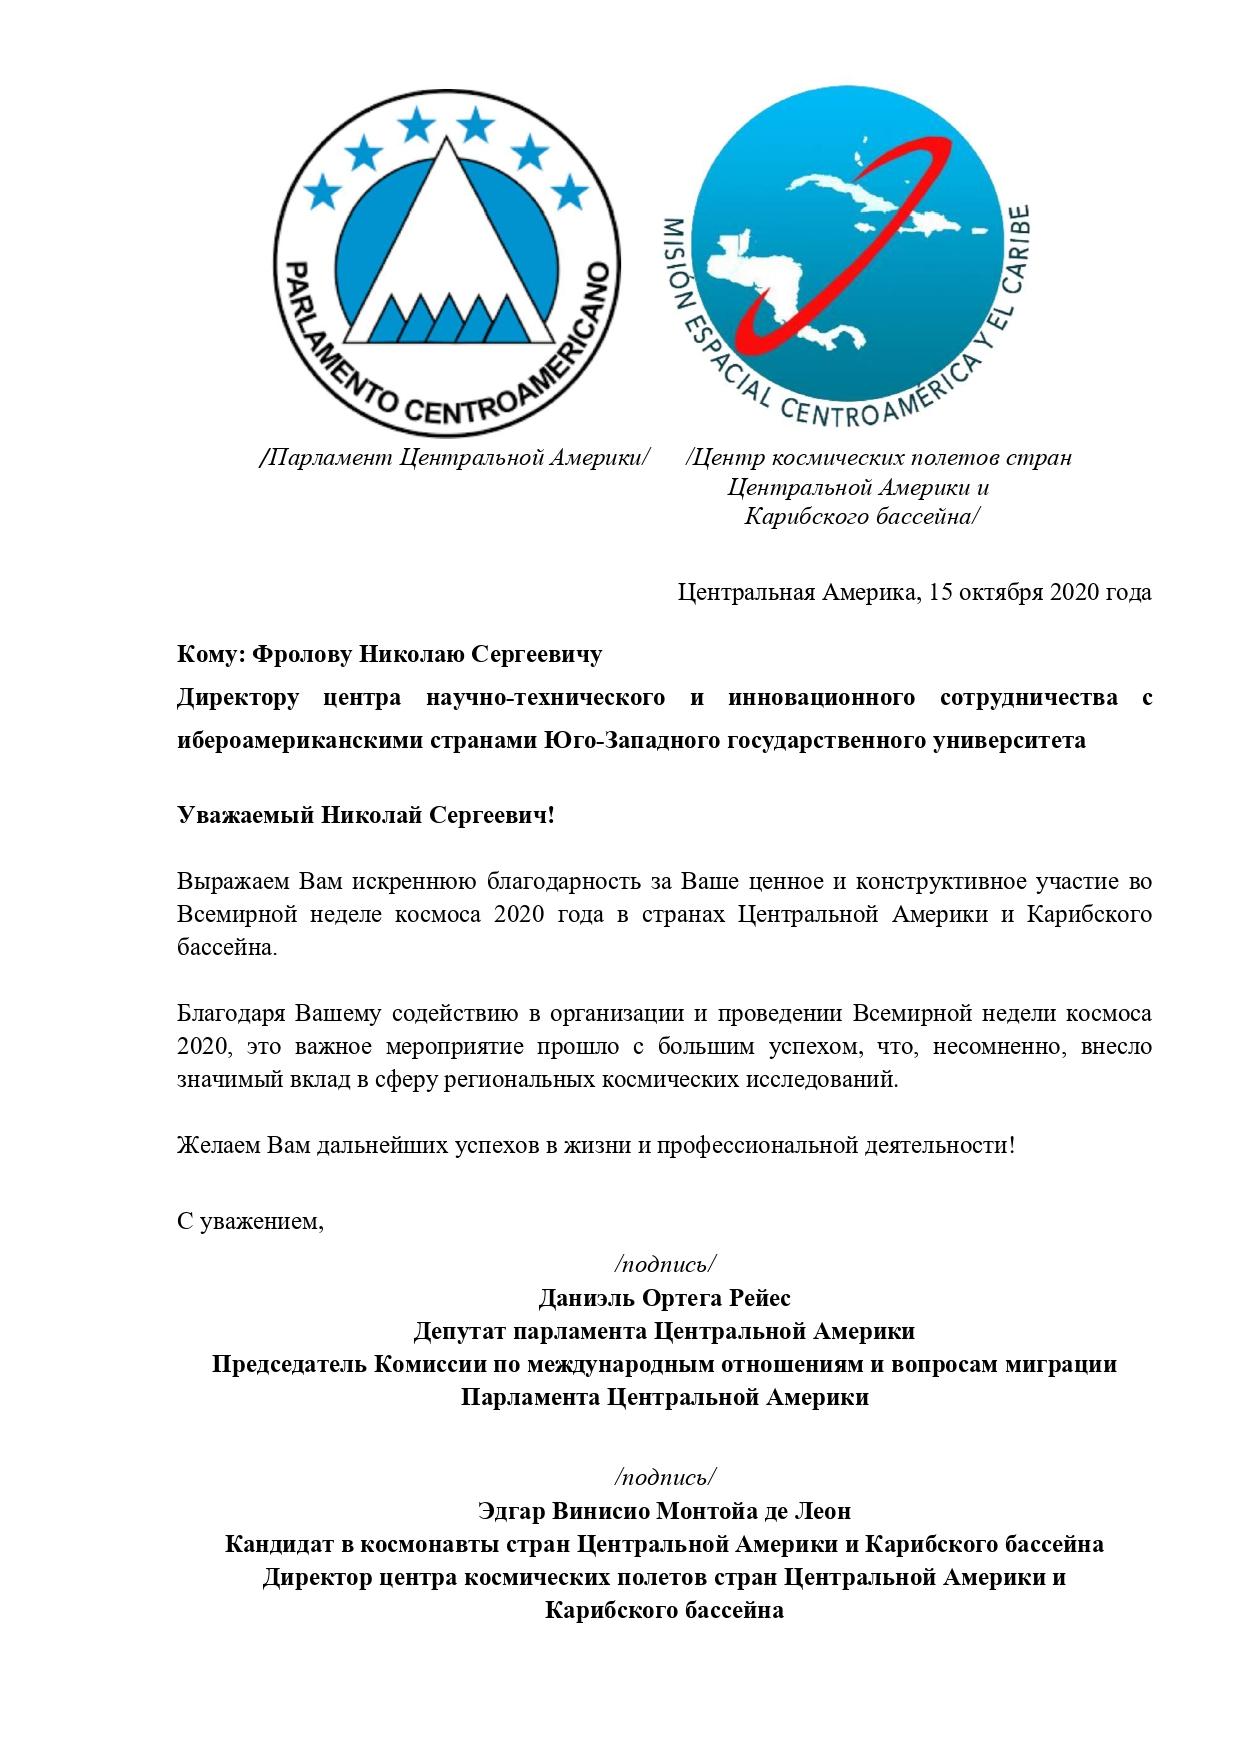 Благодарственное письмо Фролову Н.С. за участие во Всемирной неделе космоса 2020